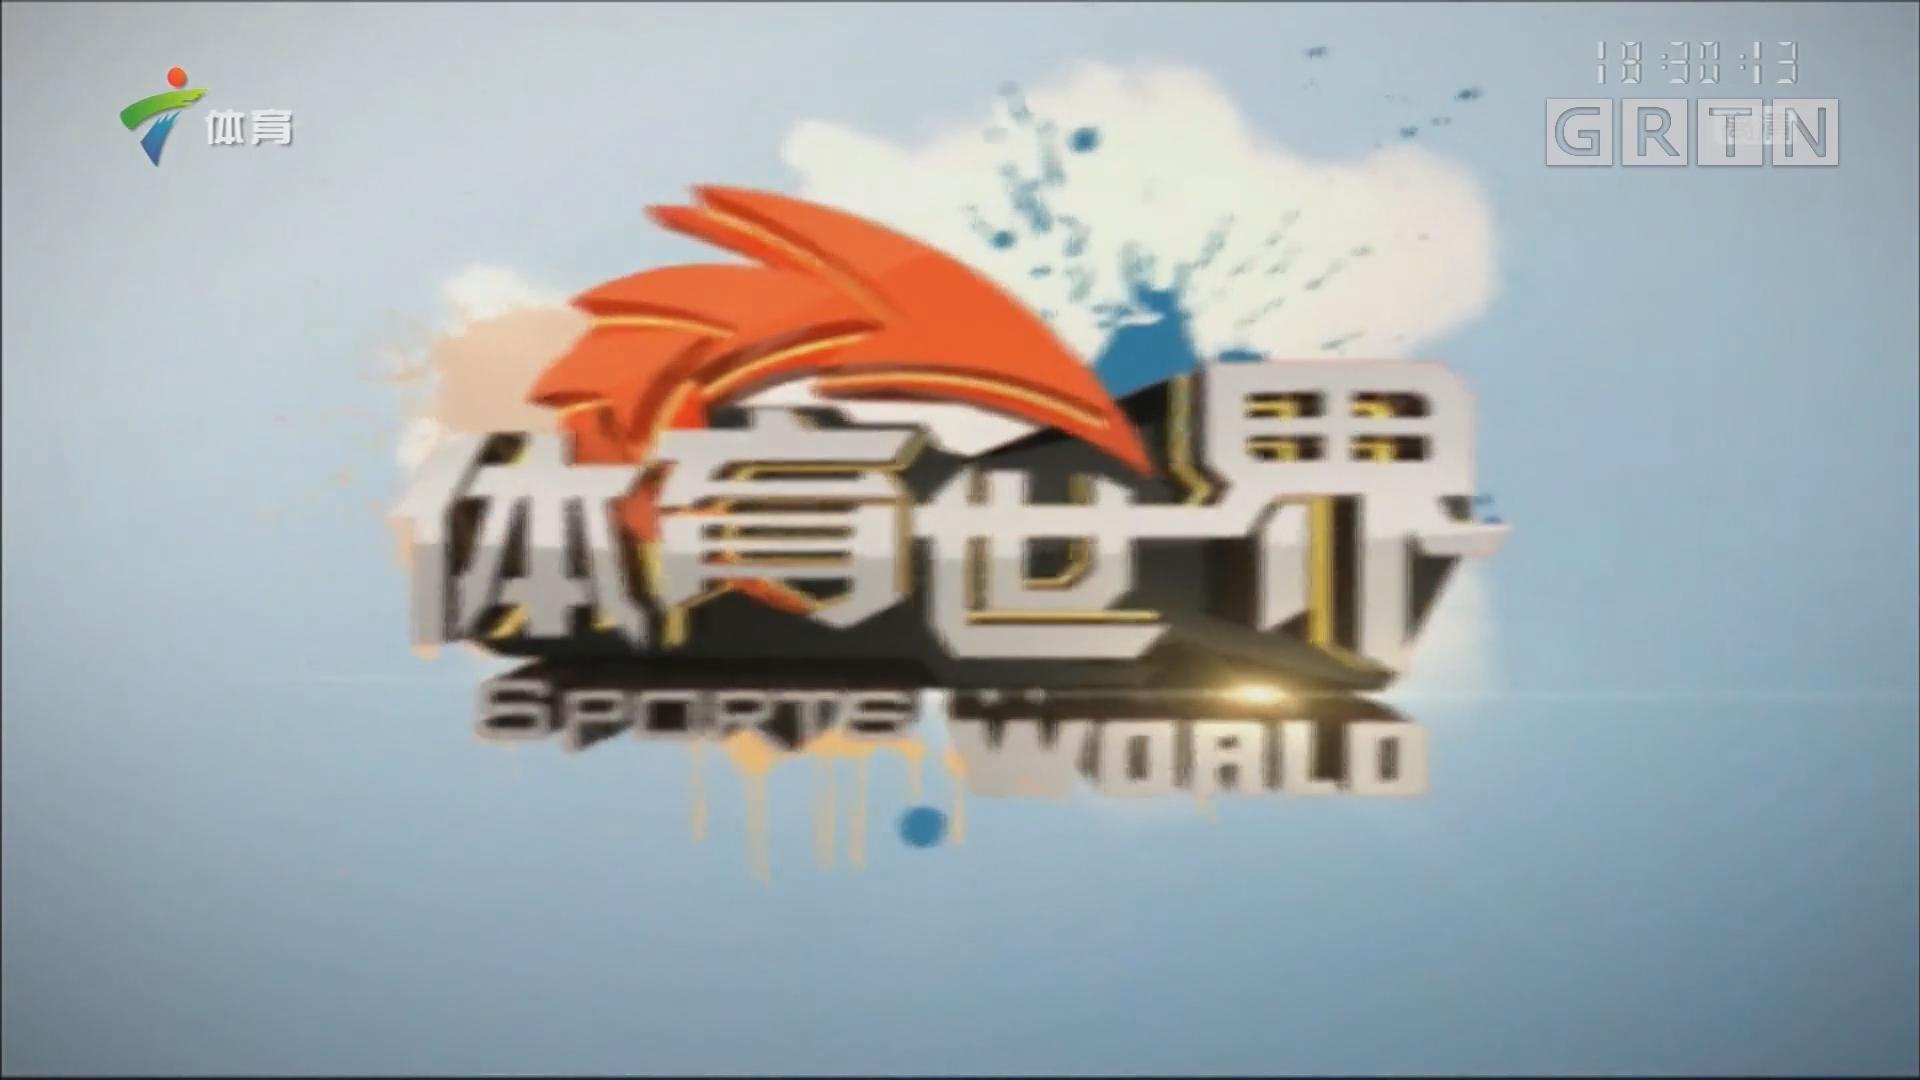 [HD][2018-02-28]体育世界:2018青奥会风筝、冲浪项目选拔赛在摩洛哥进行